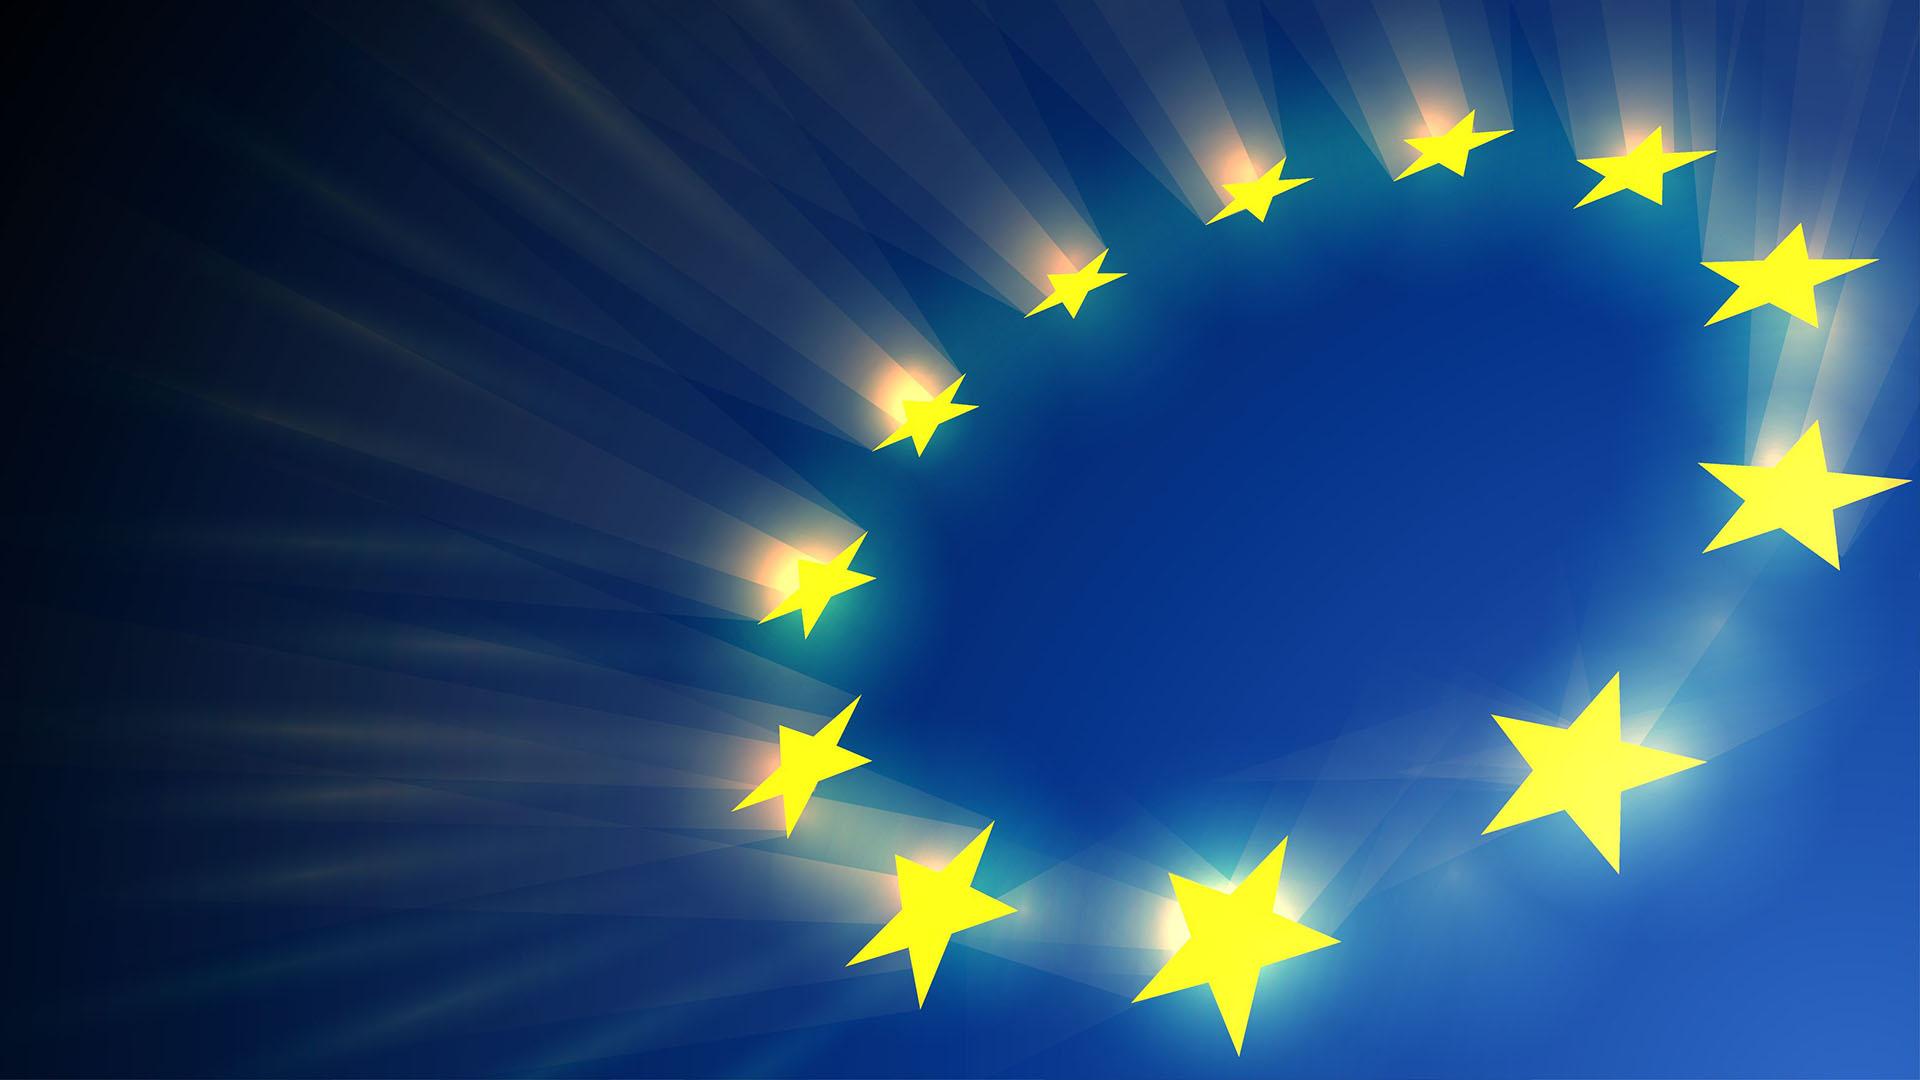 L'Europe nous protège-t-elle ? | RCF Radio